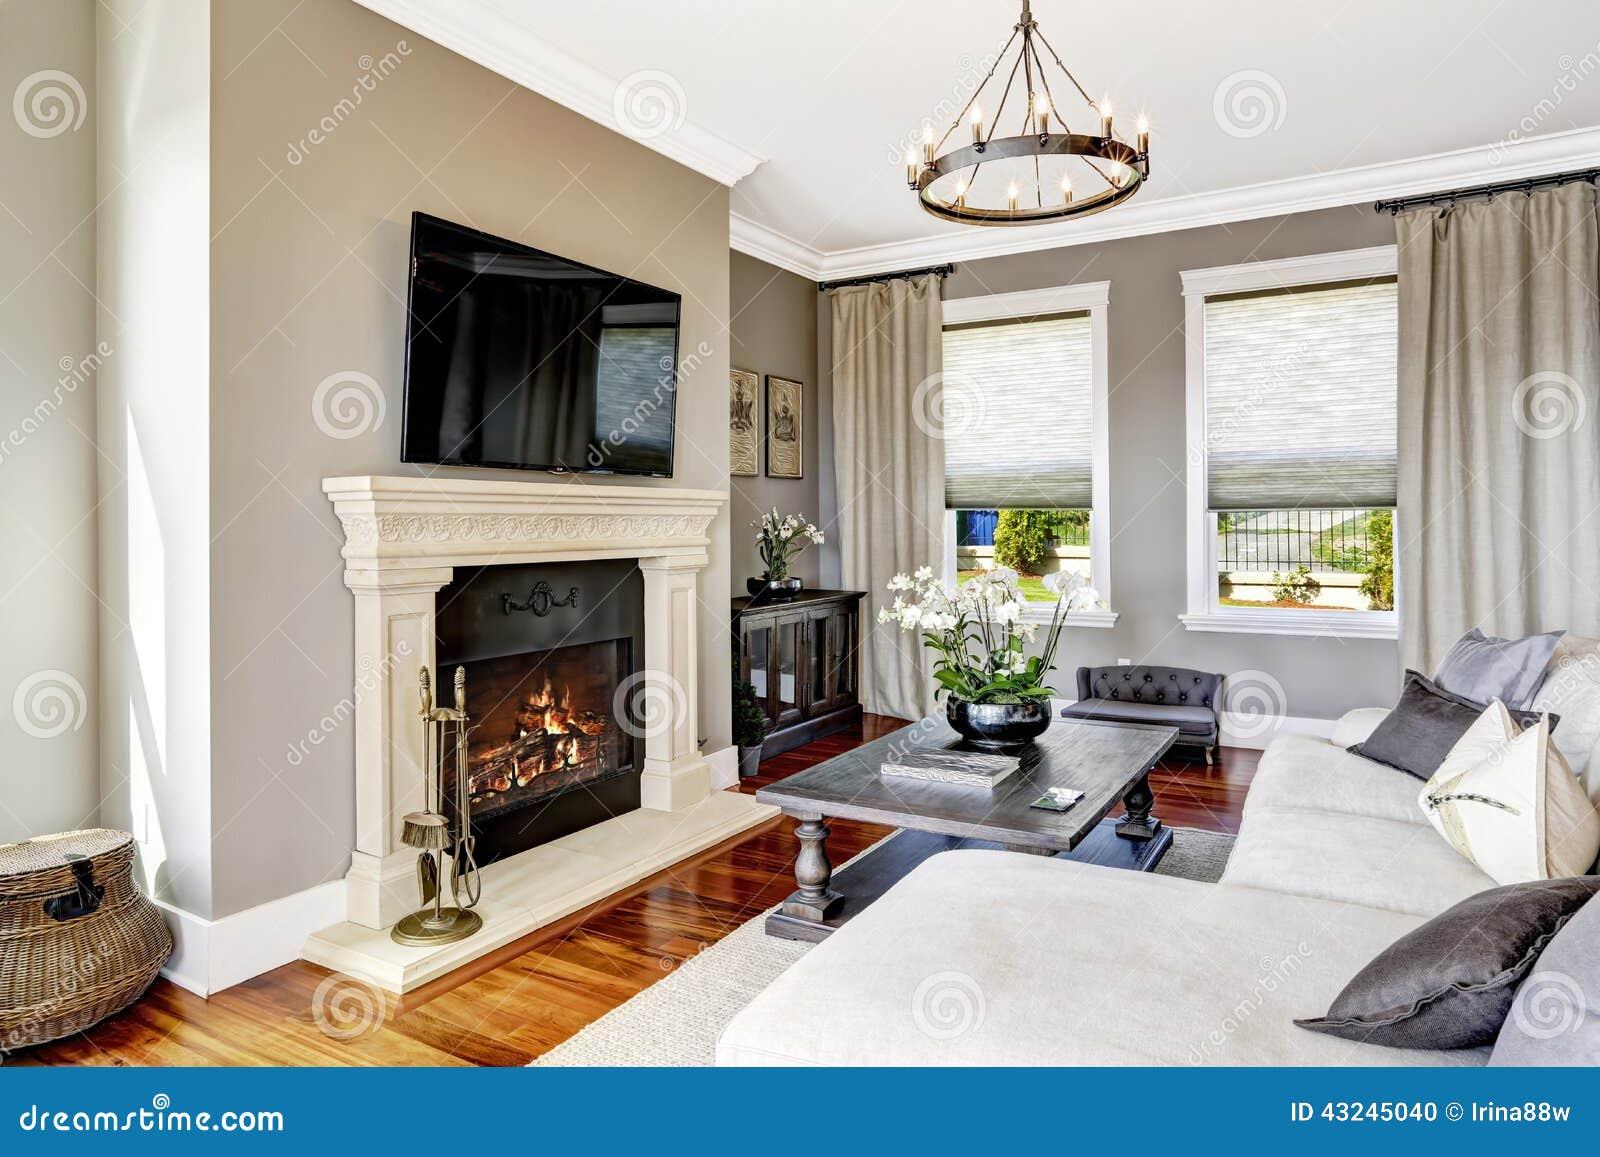 Int rieur impressionnant de salon dans la maison de luxe - Limace dans la maison ...